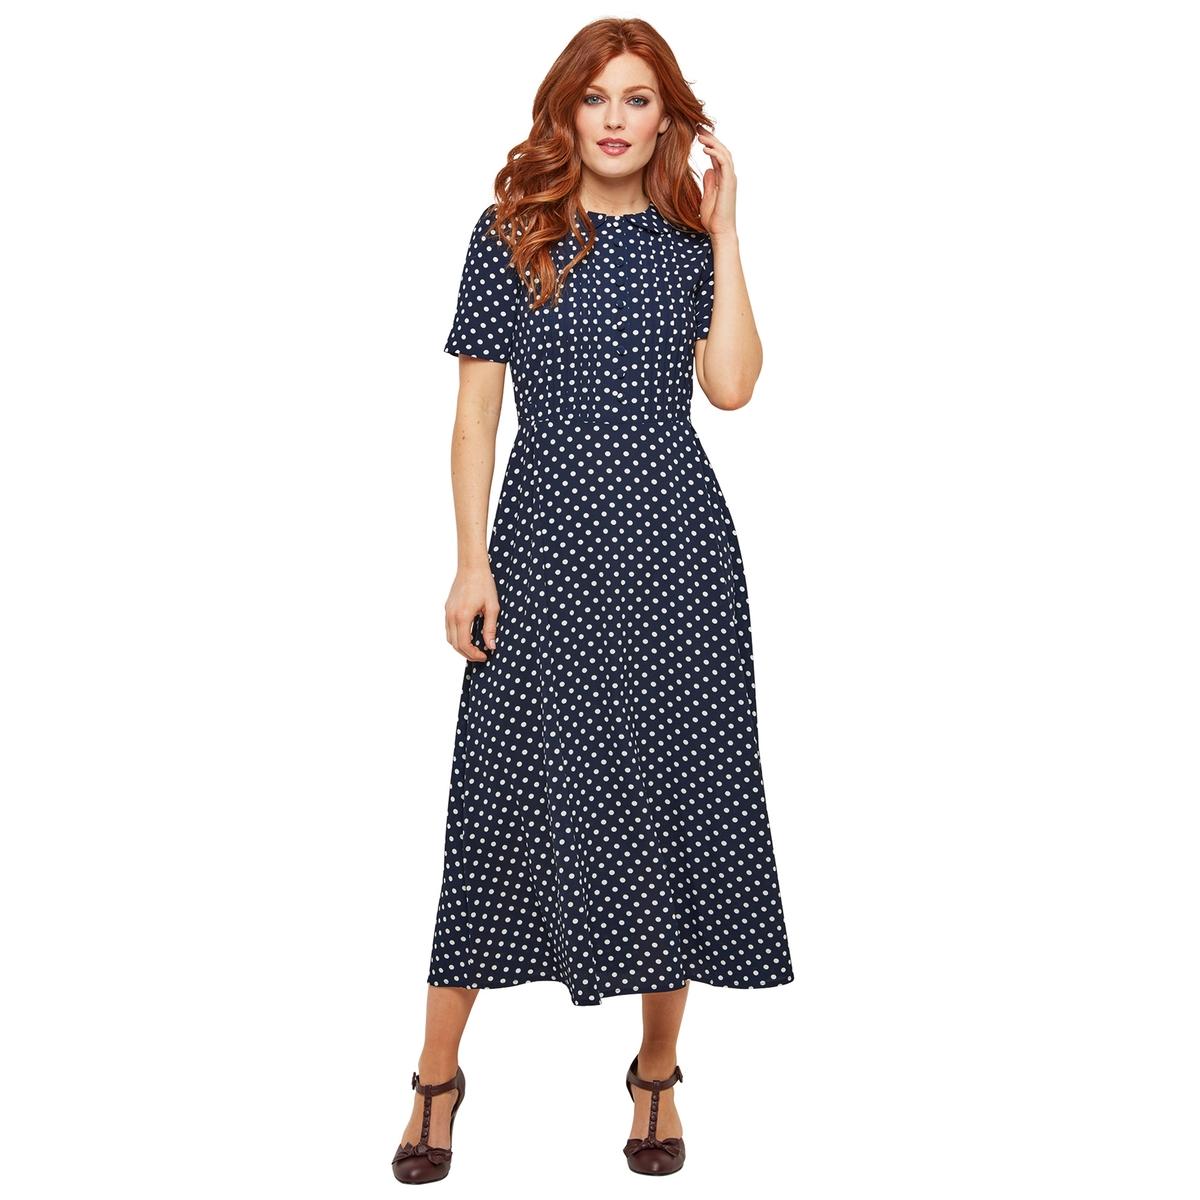 Платье La Redoute Средней длины расклешенное с рисунком в горошек и закругленным отложным воротником 38 (FR) - 44 (RUS) синий цены